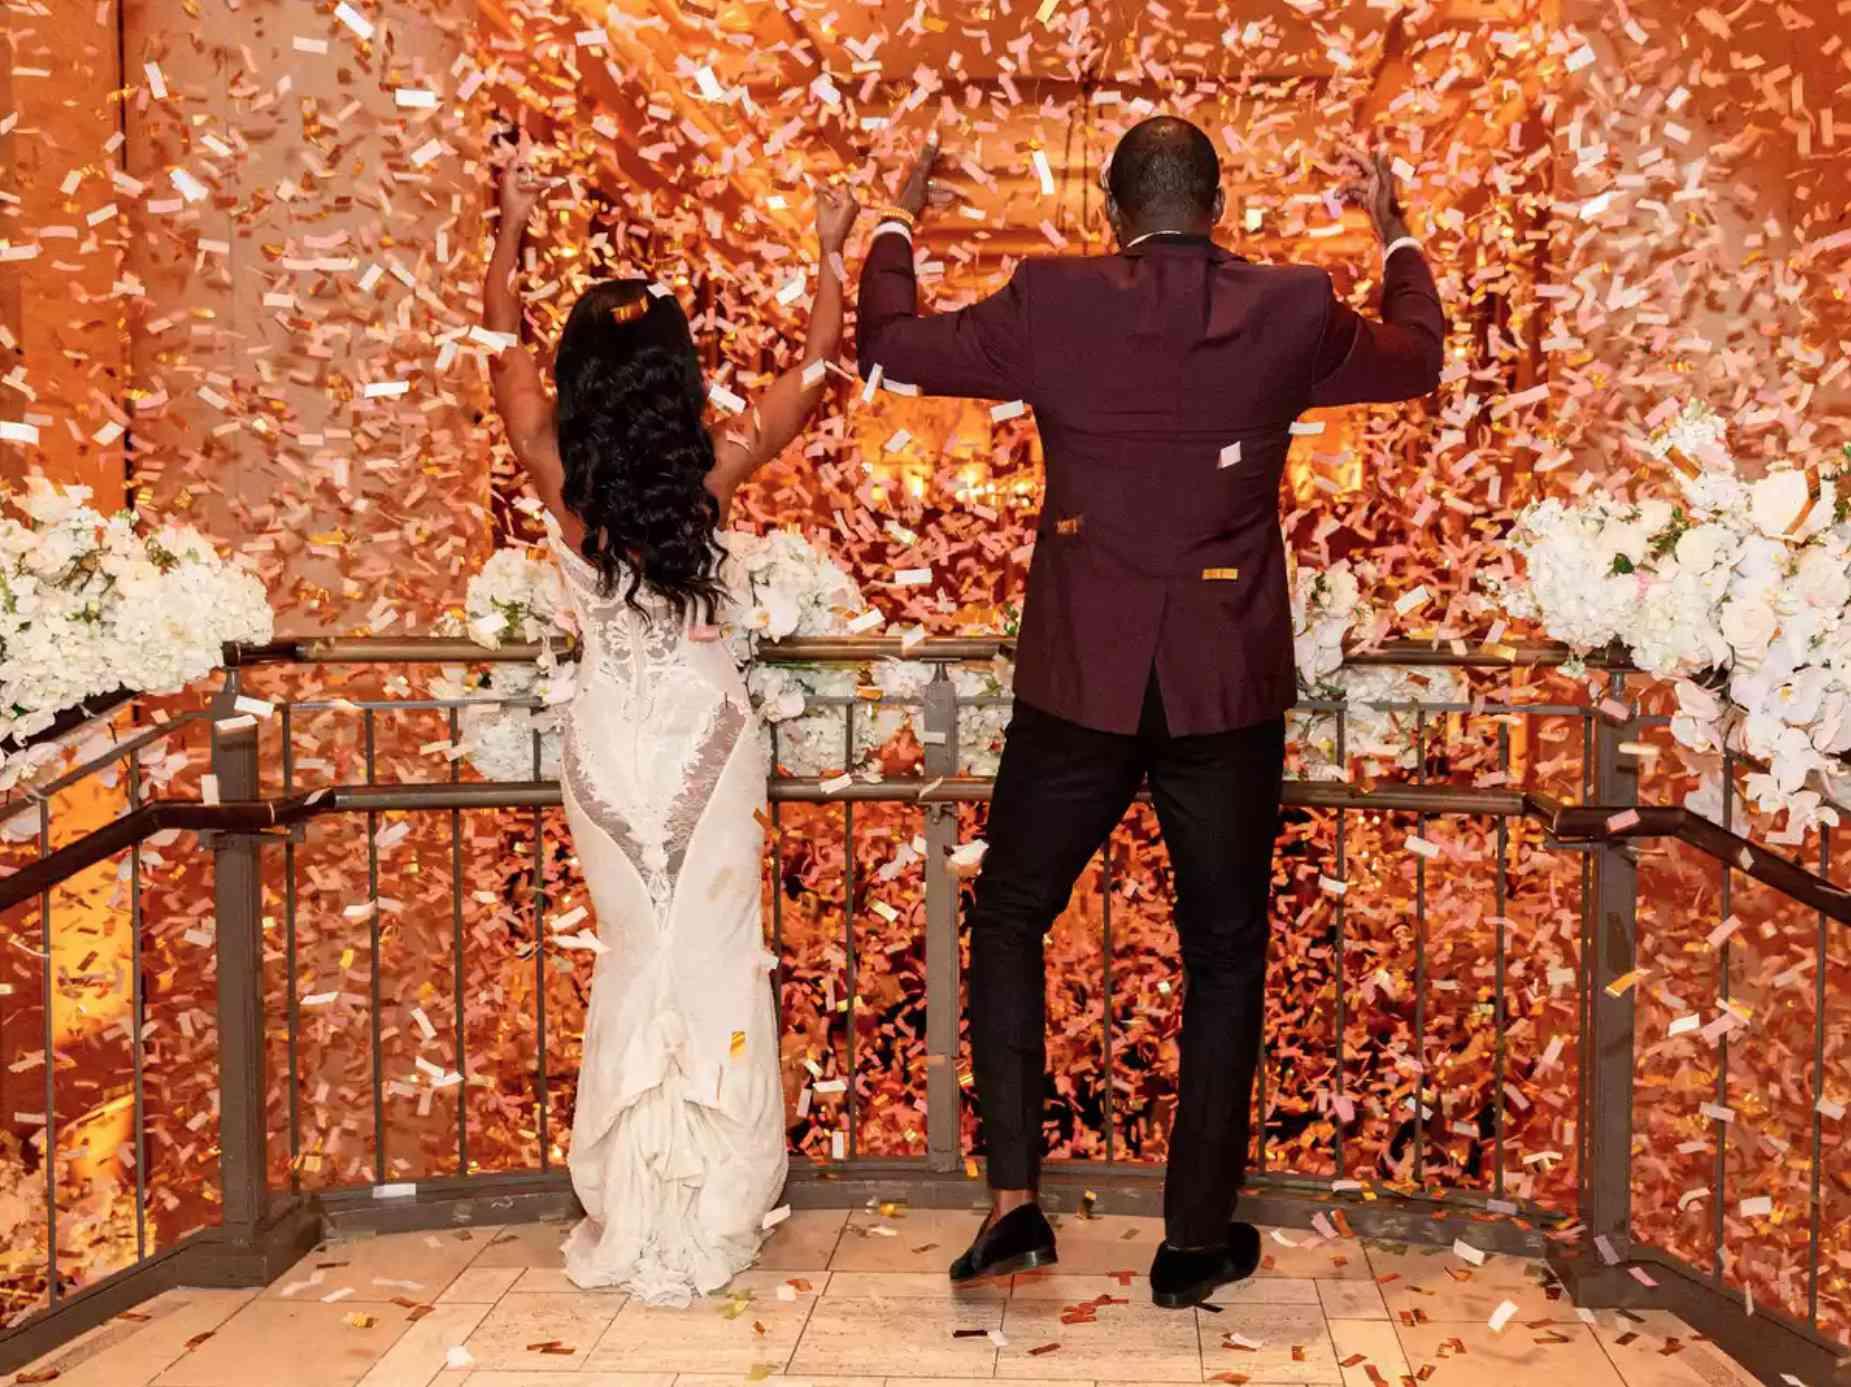 Newlyweds in confetti